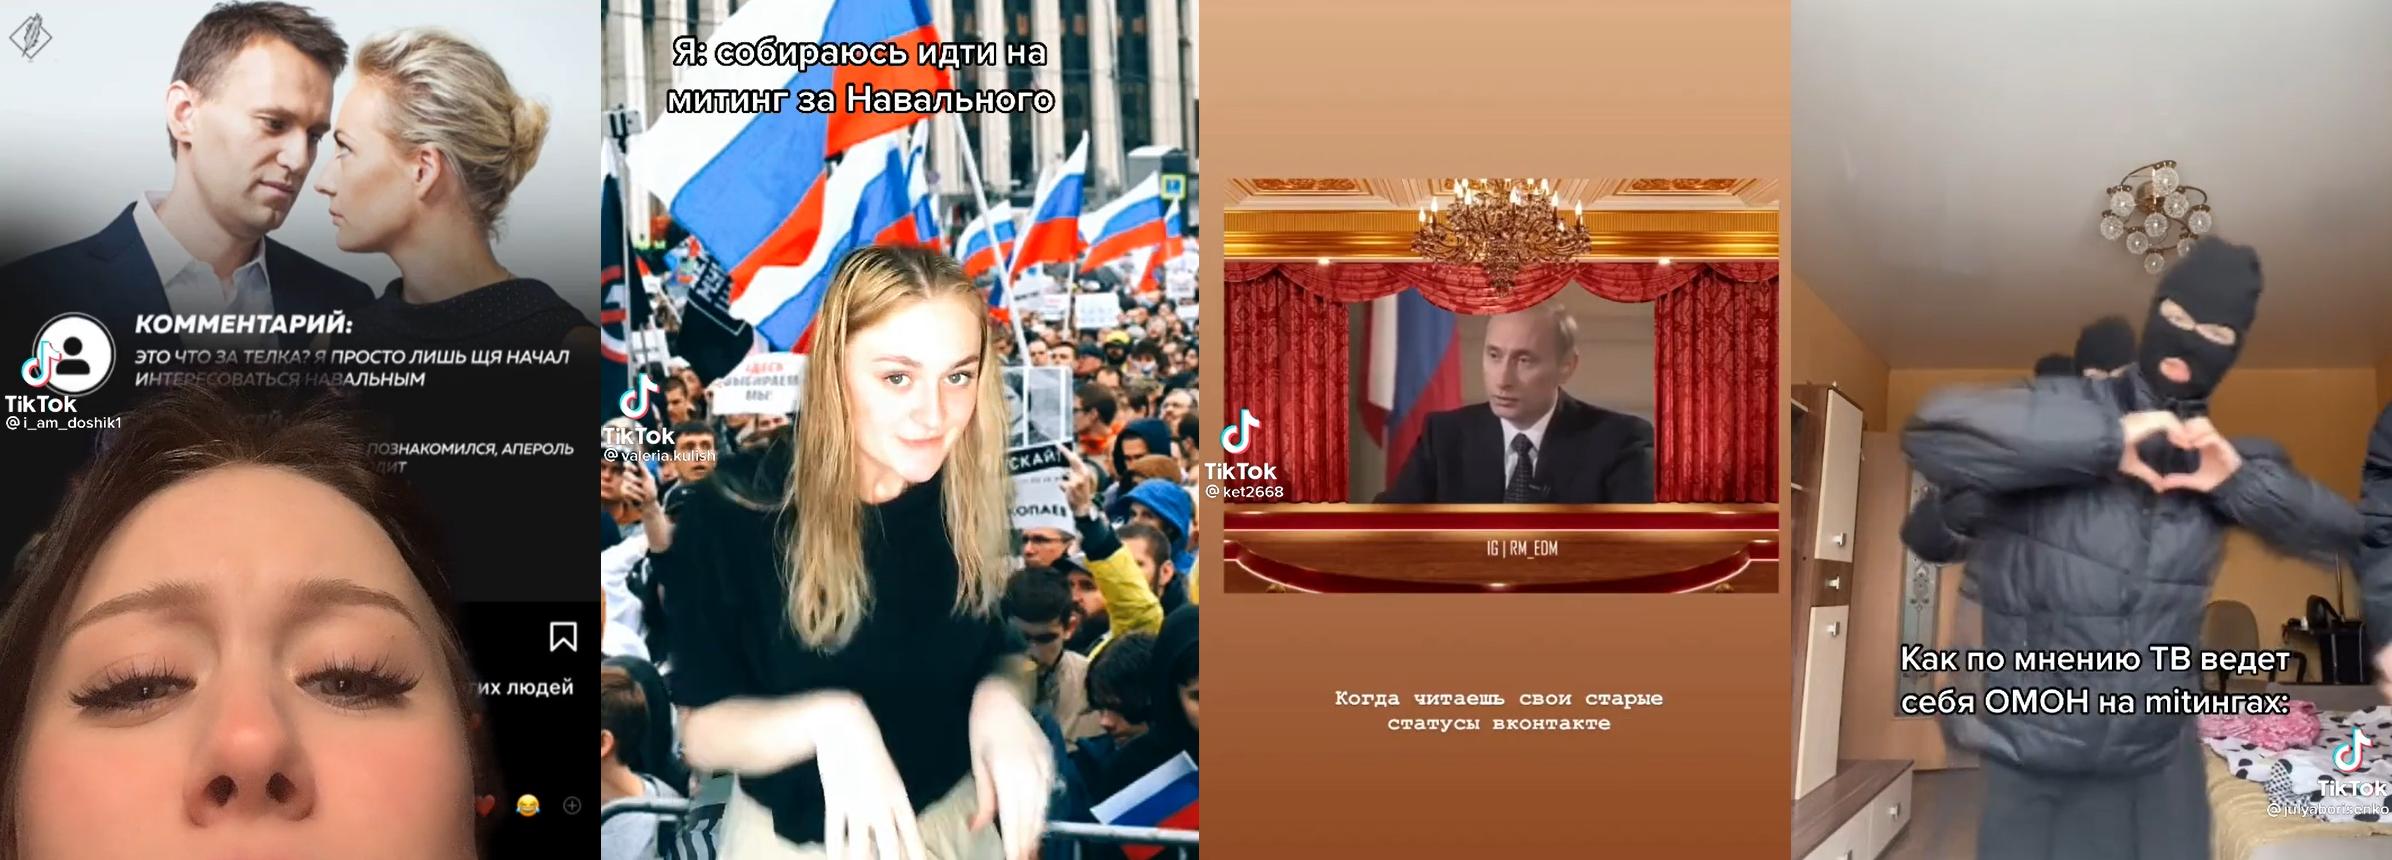 Oppositiojohtaja Aleksei Navalnyia tukevia sekä presidentti Vladimir Putinia ja poliisin erikoisjoukkoja parodioivia videoita ilmestyi huomattavan paljon venäjänkieliseen Tiktokiin alkuvuonna.